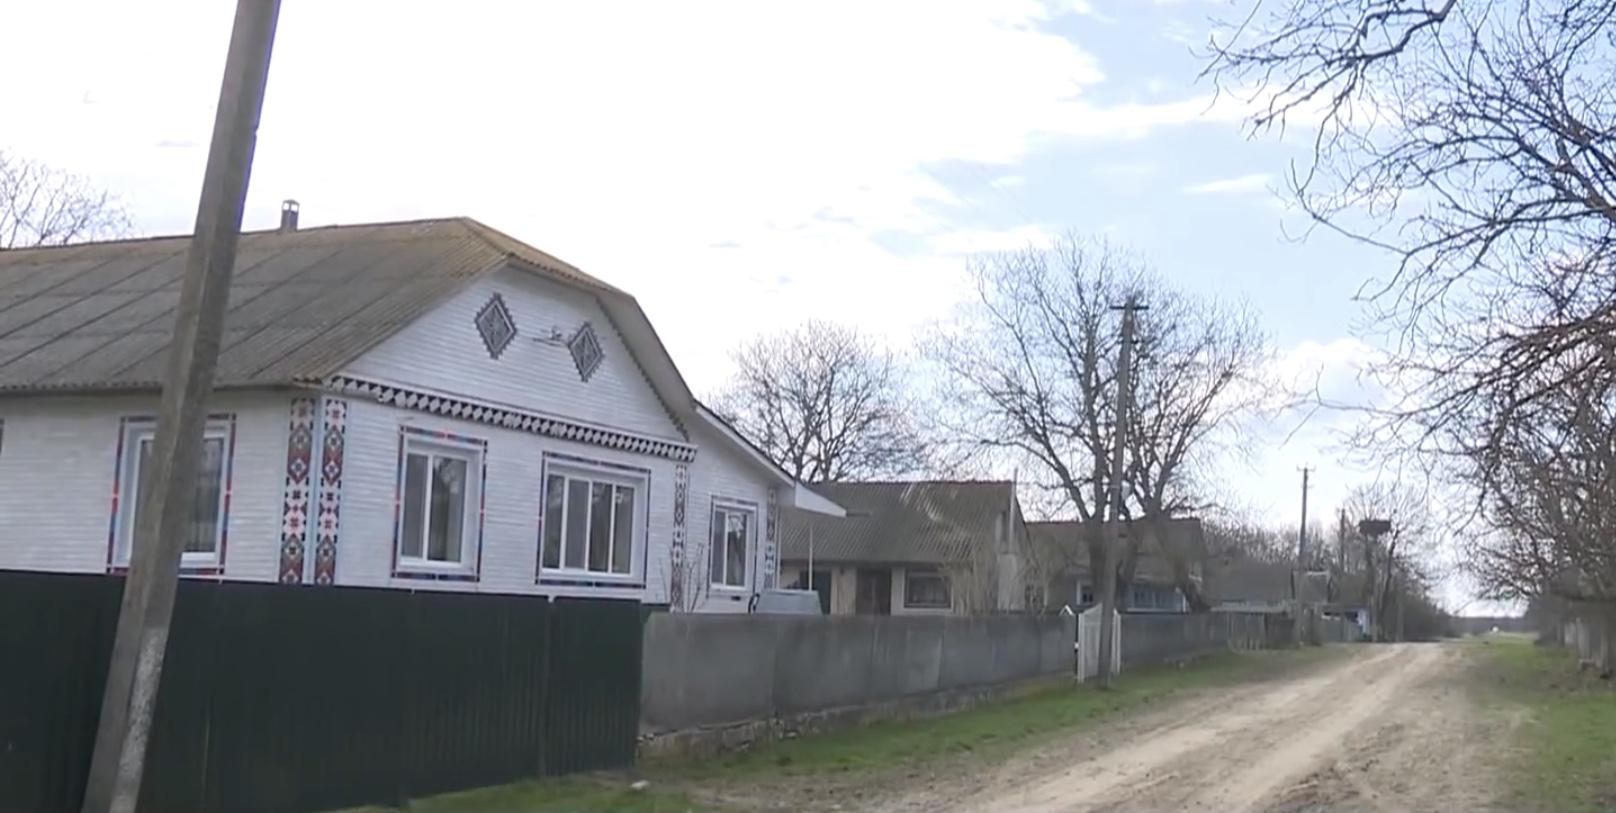 Безкоштовні хати для багатодітних родин пропонує сільська громада на Хмельниччині (ВІДЕО)